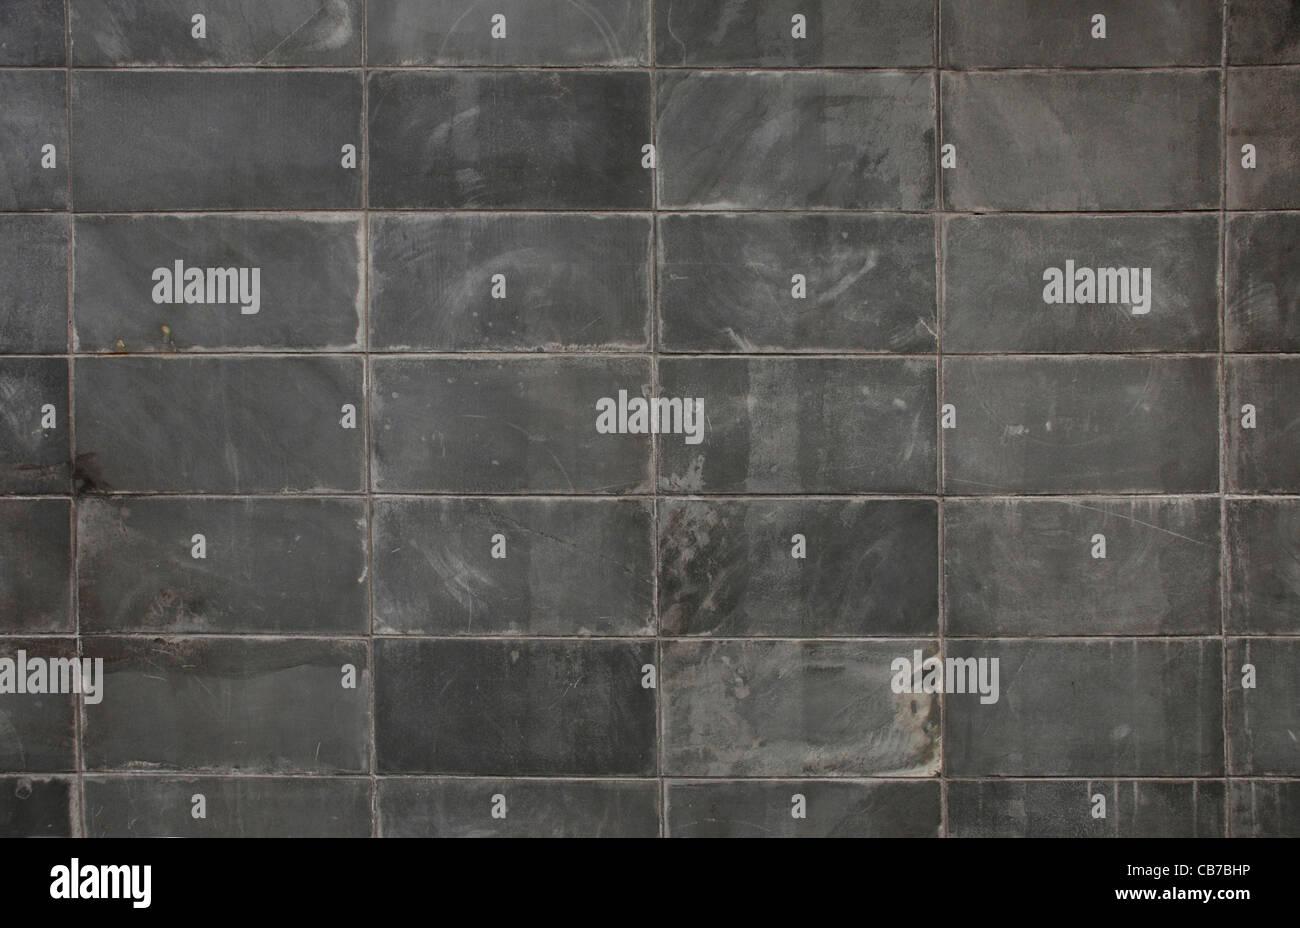 Mur de blocs gris foncé surface texture background Photo Stock